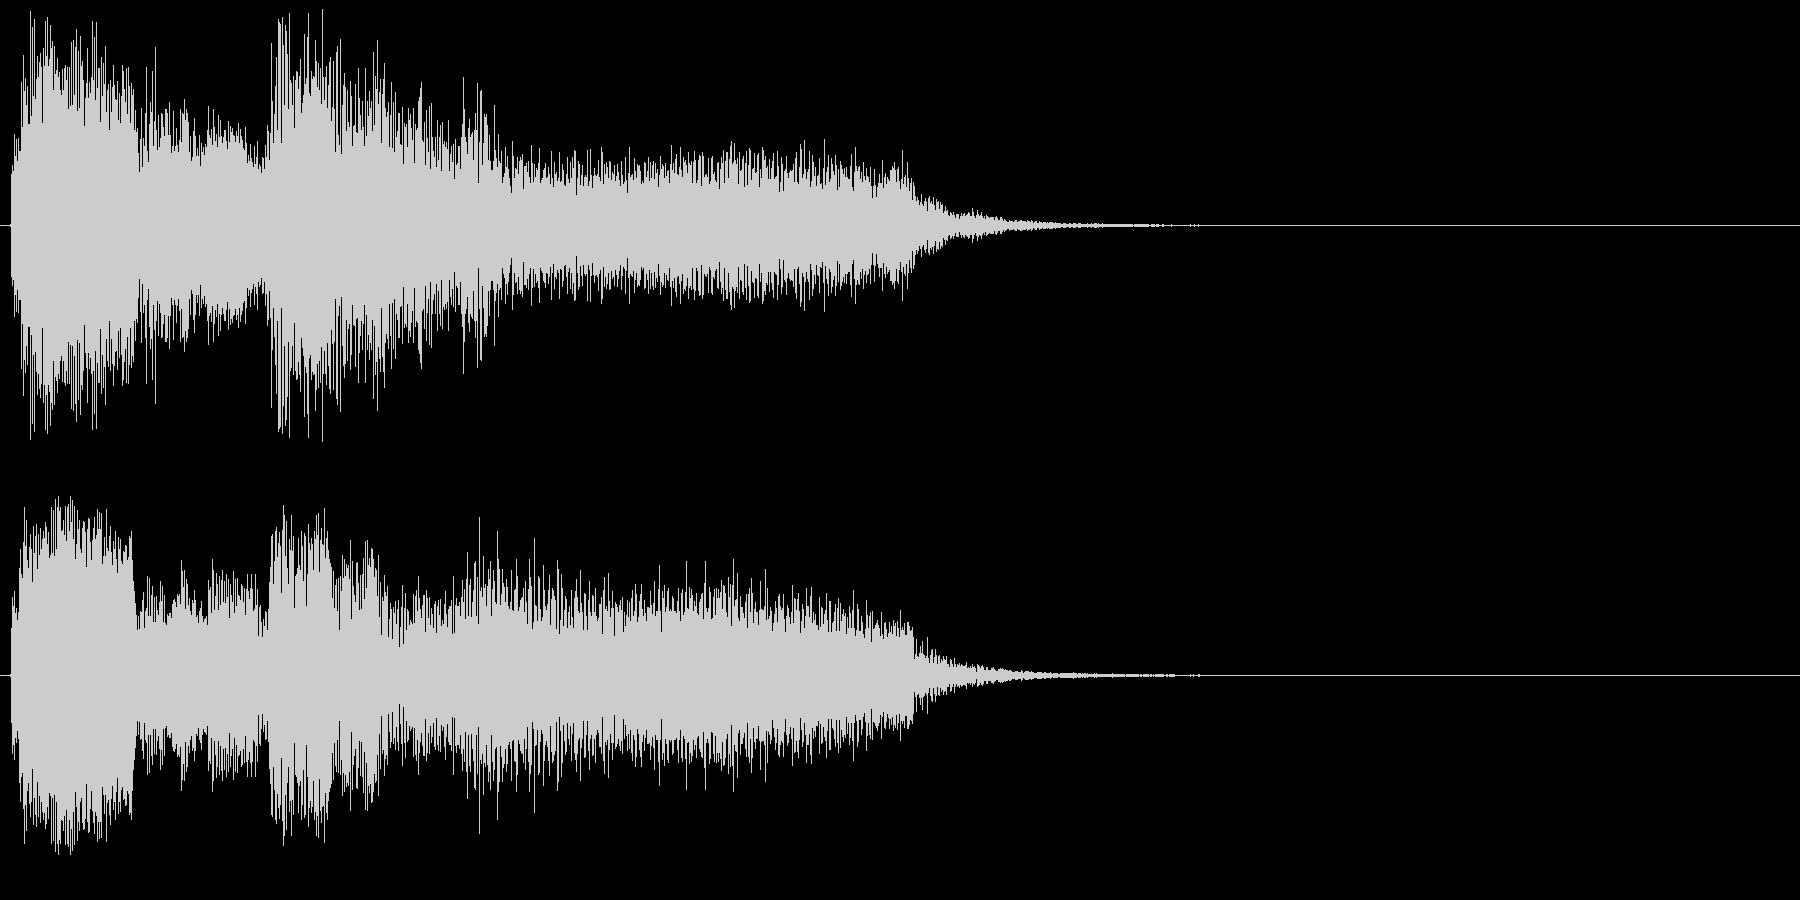 不安な場面用のジングル(事件、お化け等)の未再生の波形